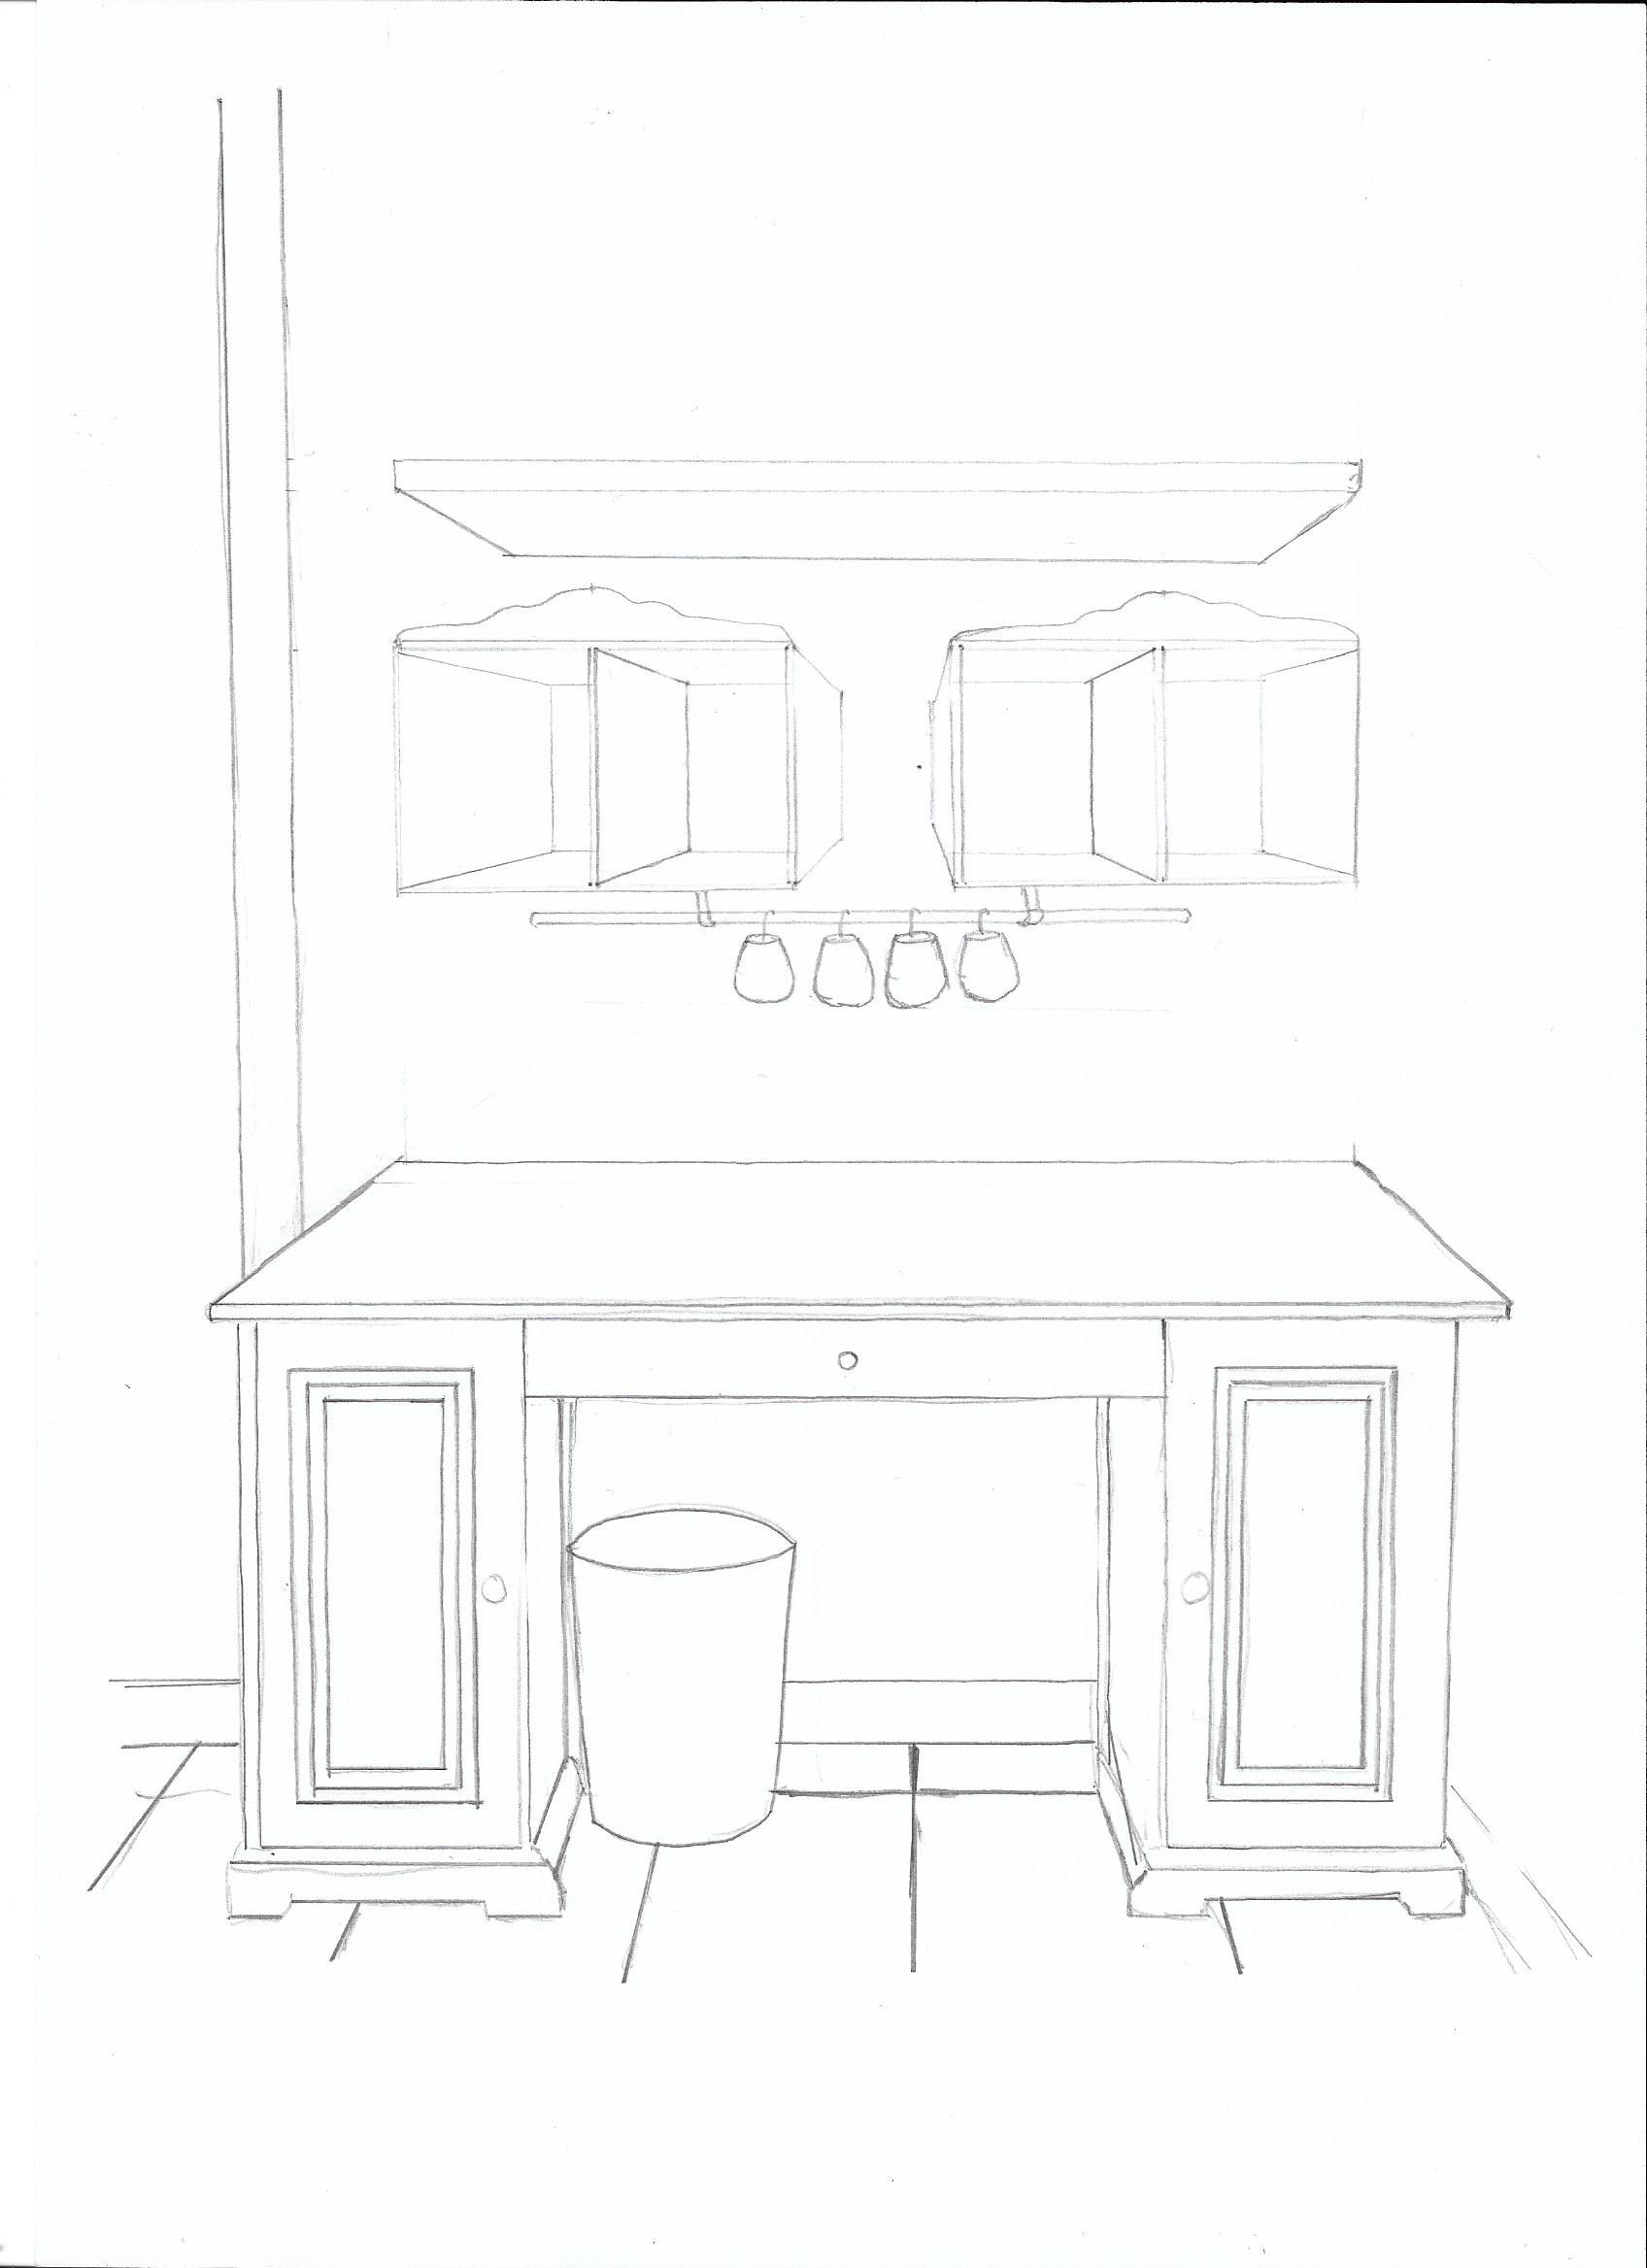 Projet d coration mon carnet d co diy organisation for Dessin de construction du meuble